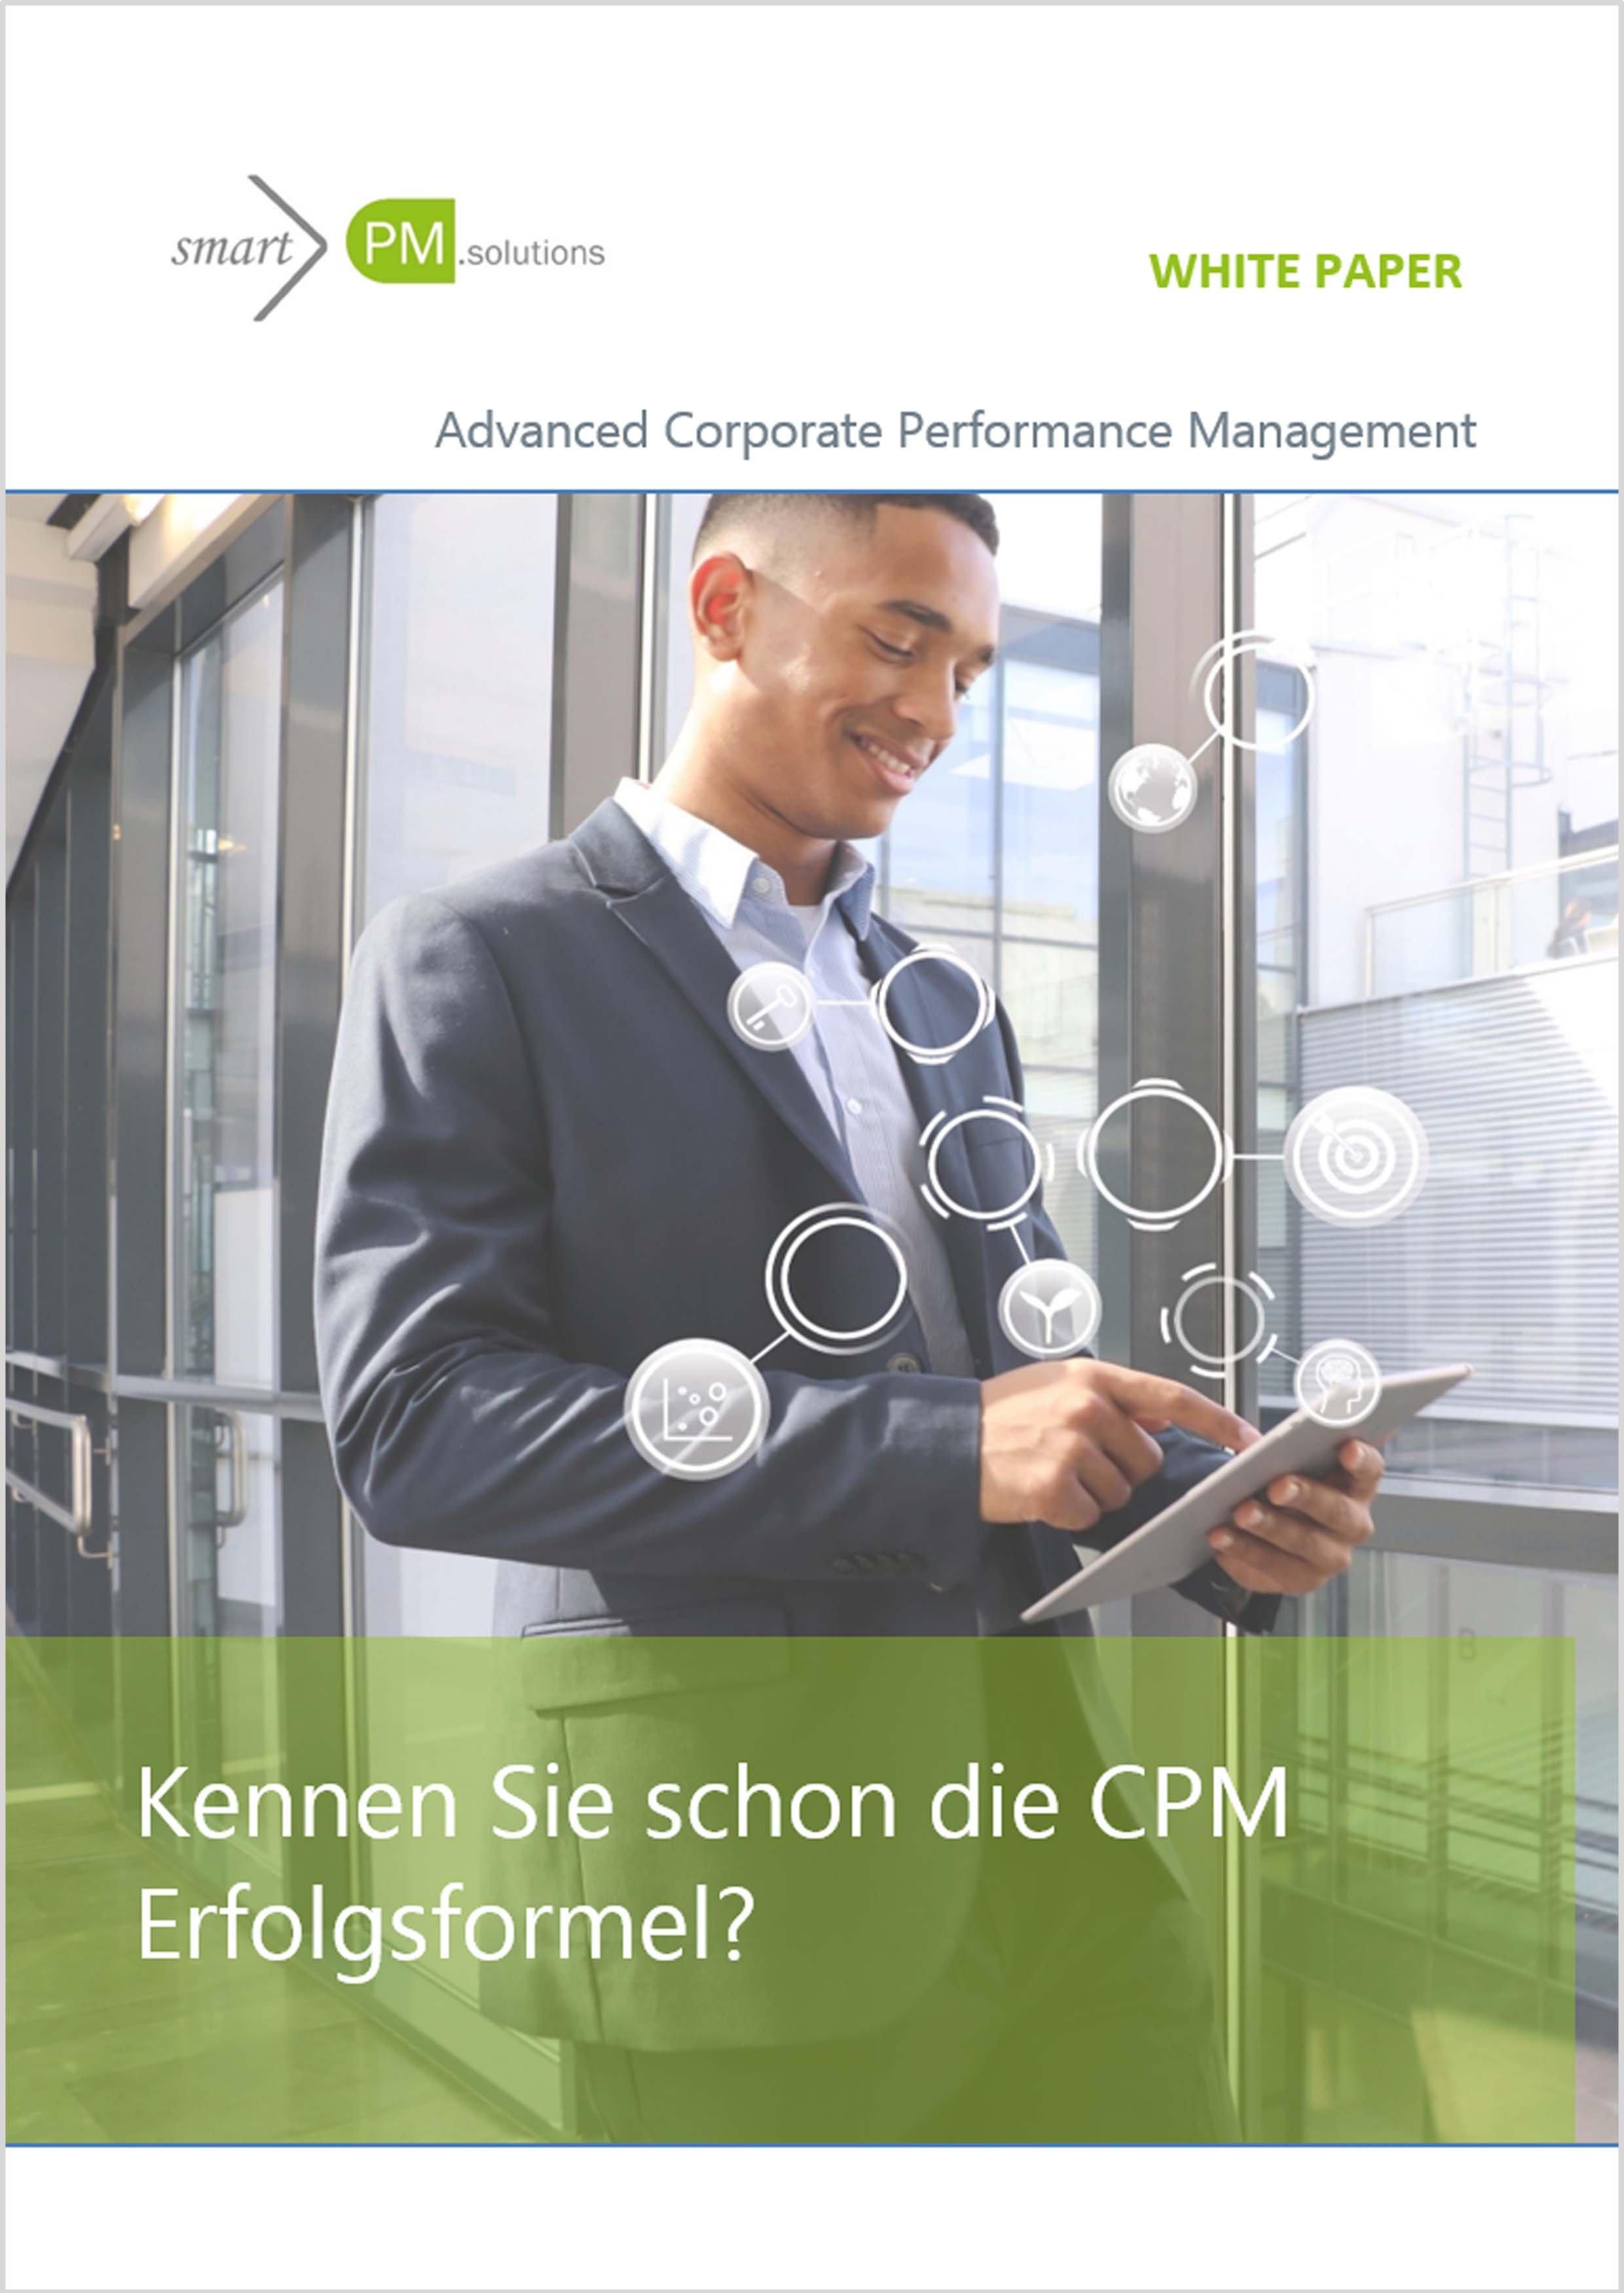 smartPM_CPM_Whitepaper2020_Title_de